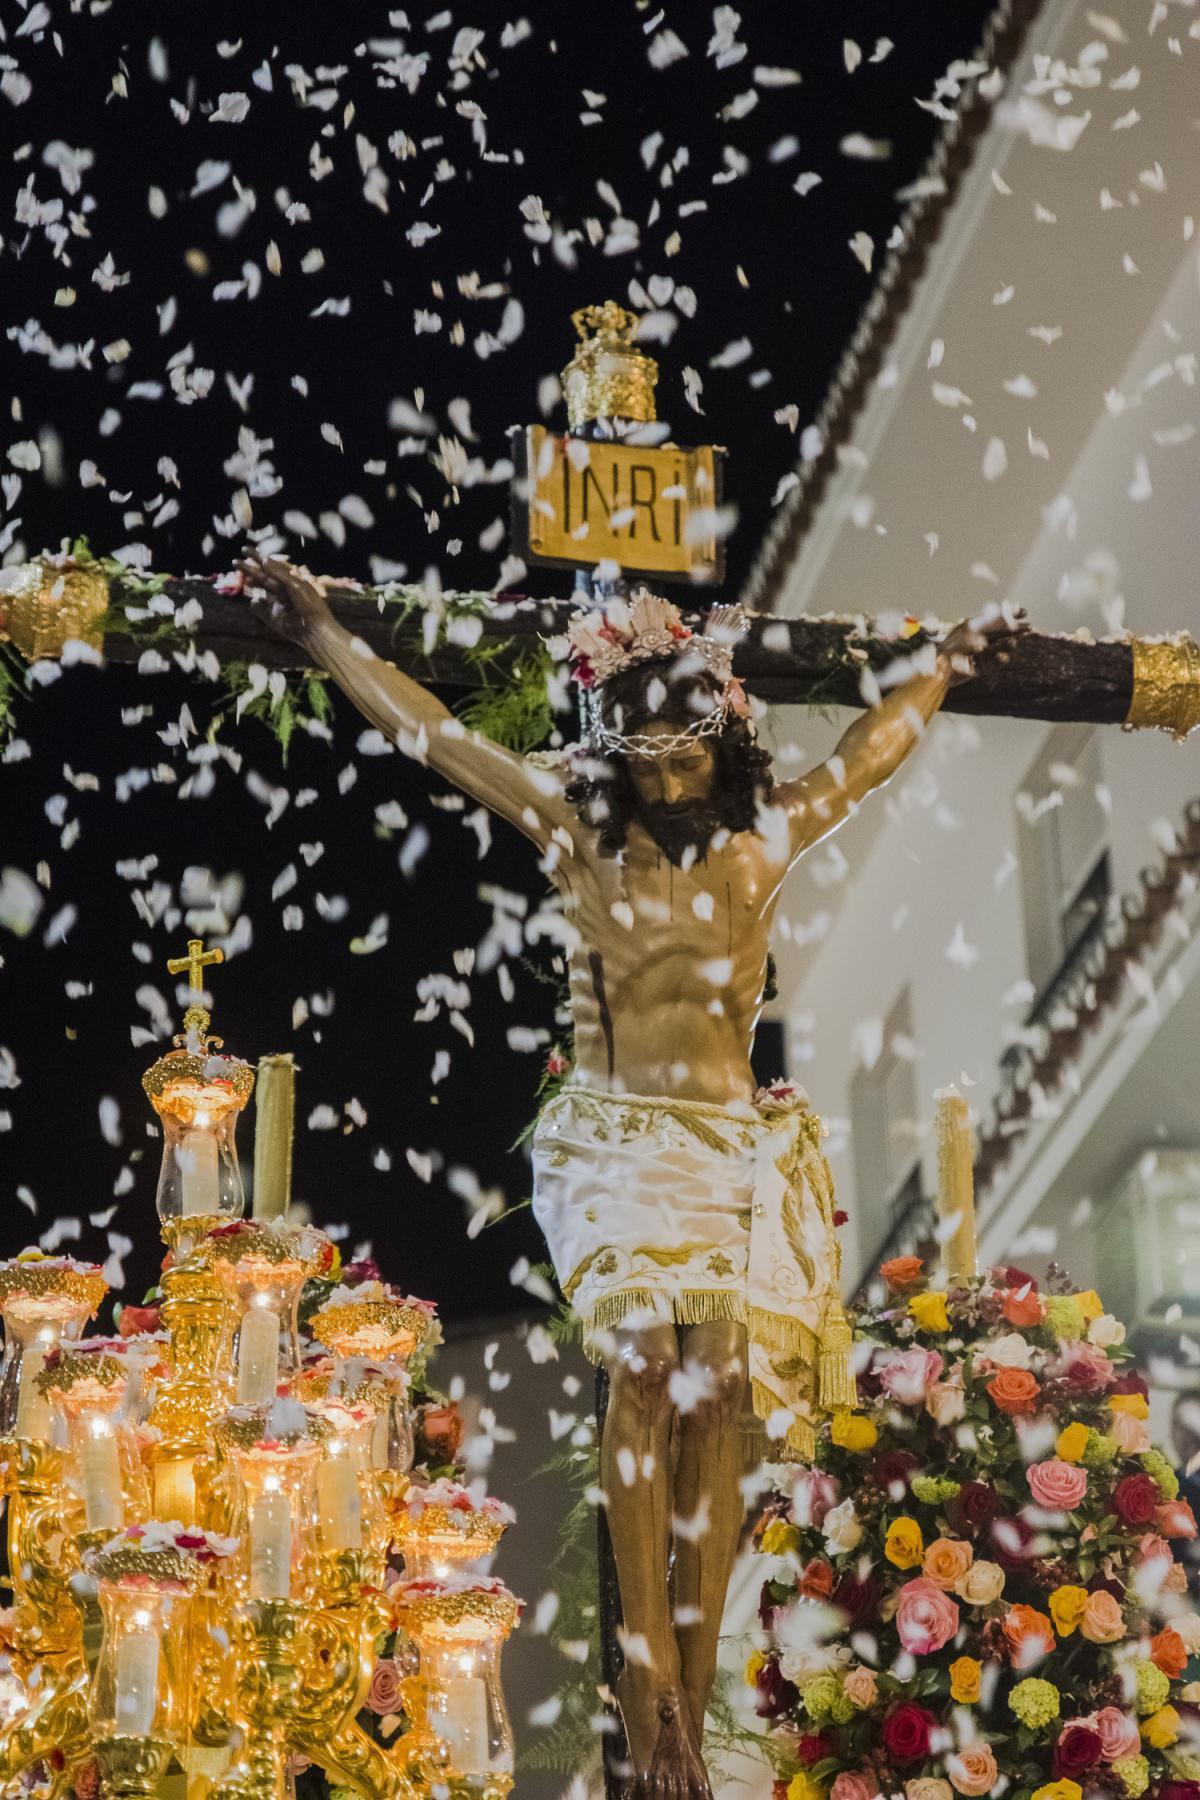 Día de la Cruz 2018. Noche del 3 de mayo. Petaladas al Señor del Convento.